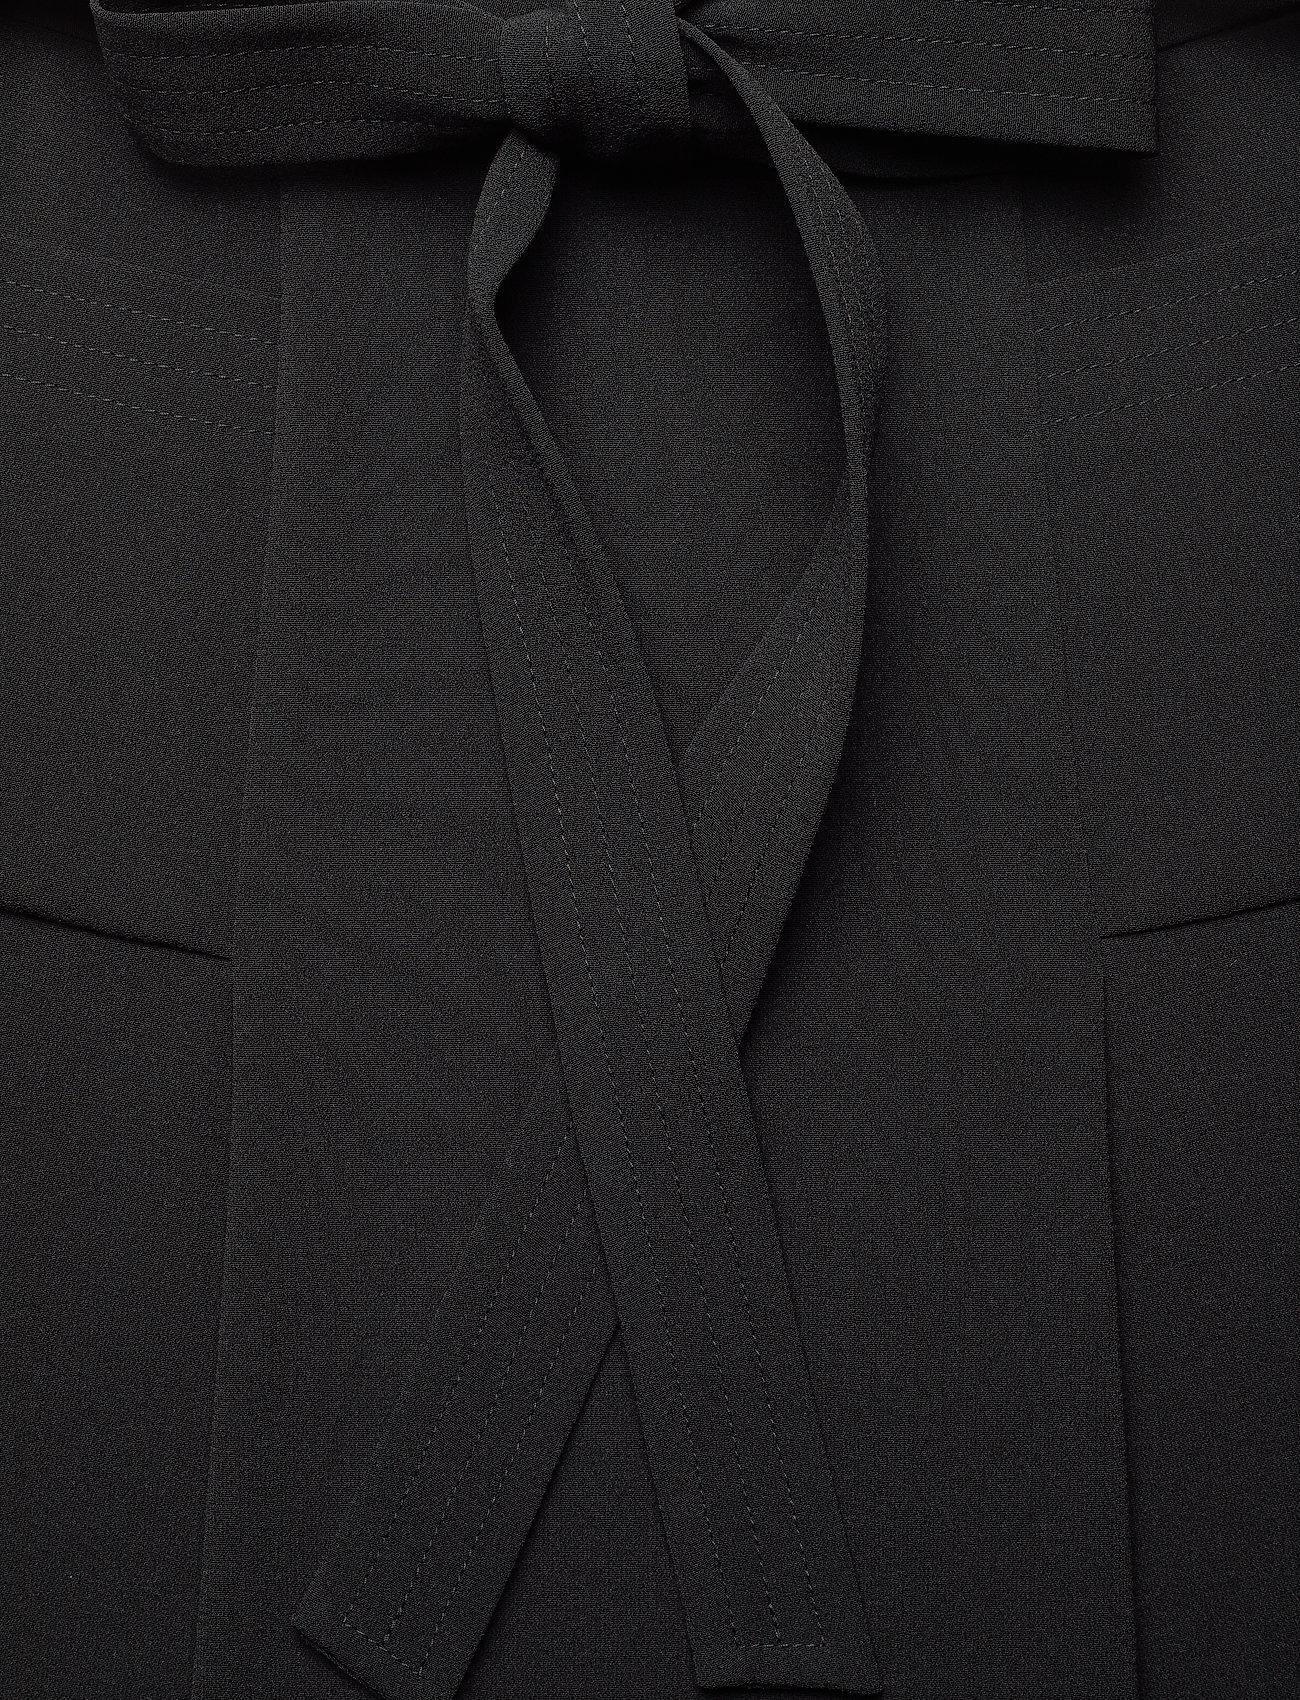 Andiata WYN 65 SKIRT - Spódnice BLACK - Kobiety Odzież.